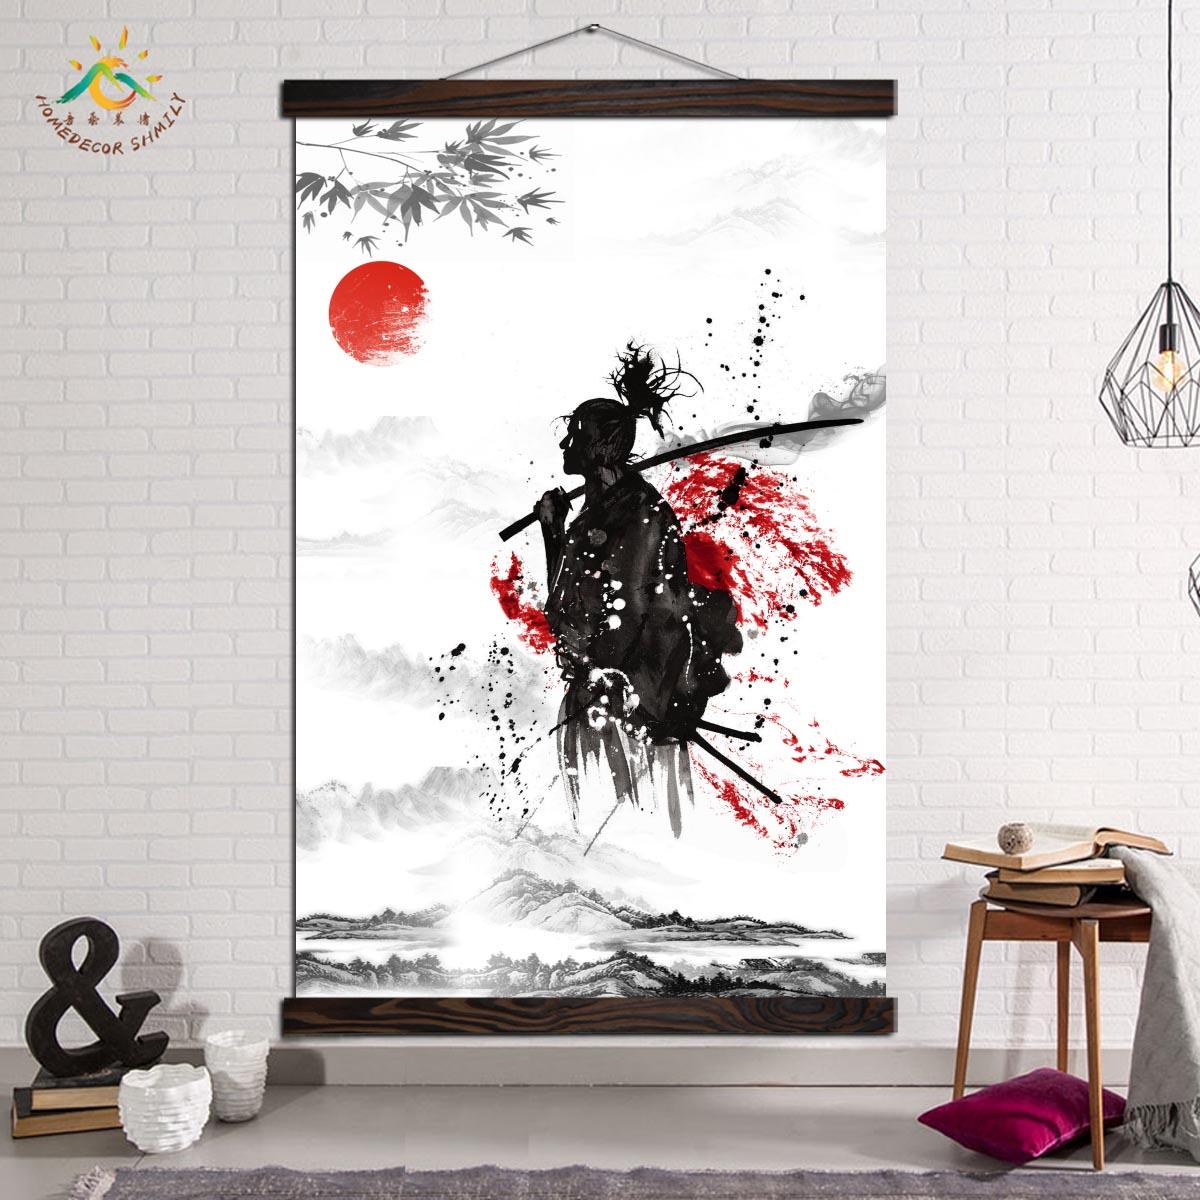 """SAMURAI SKULL WARRIOR SWORD ART WALL LARGE IMAGE GIANT POSTER /"""""""